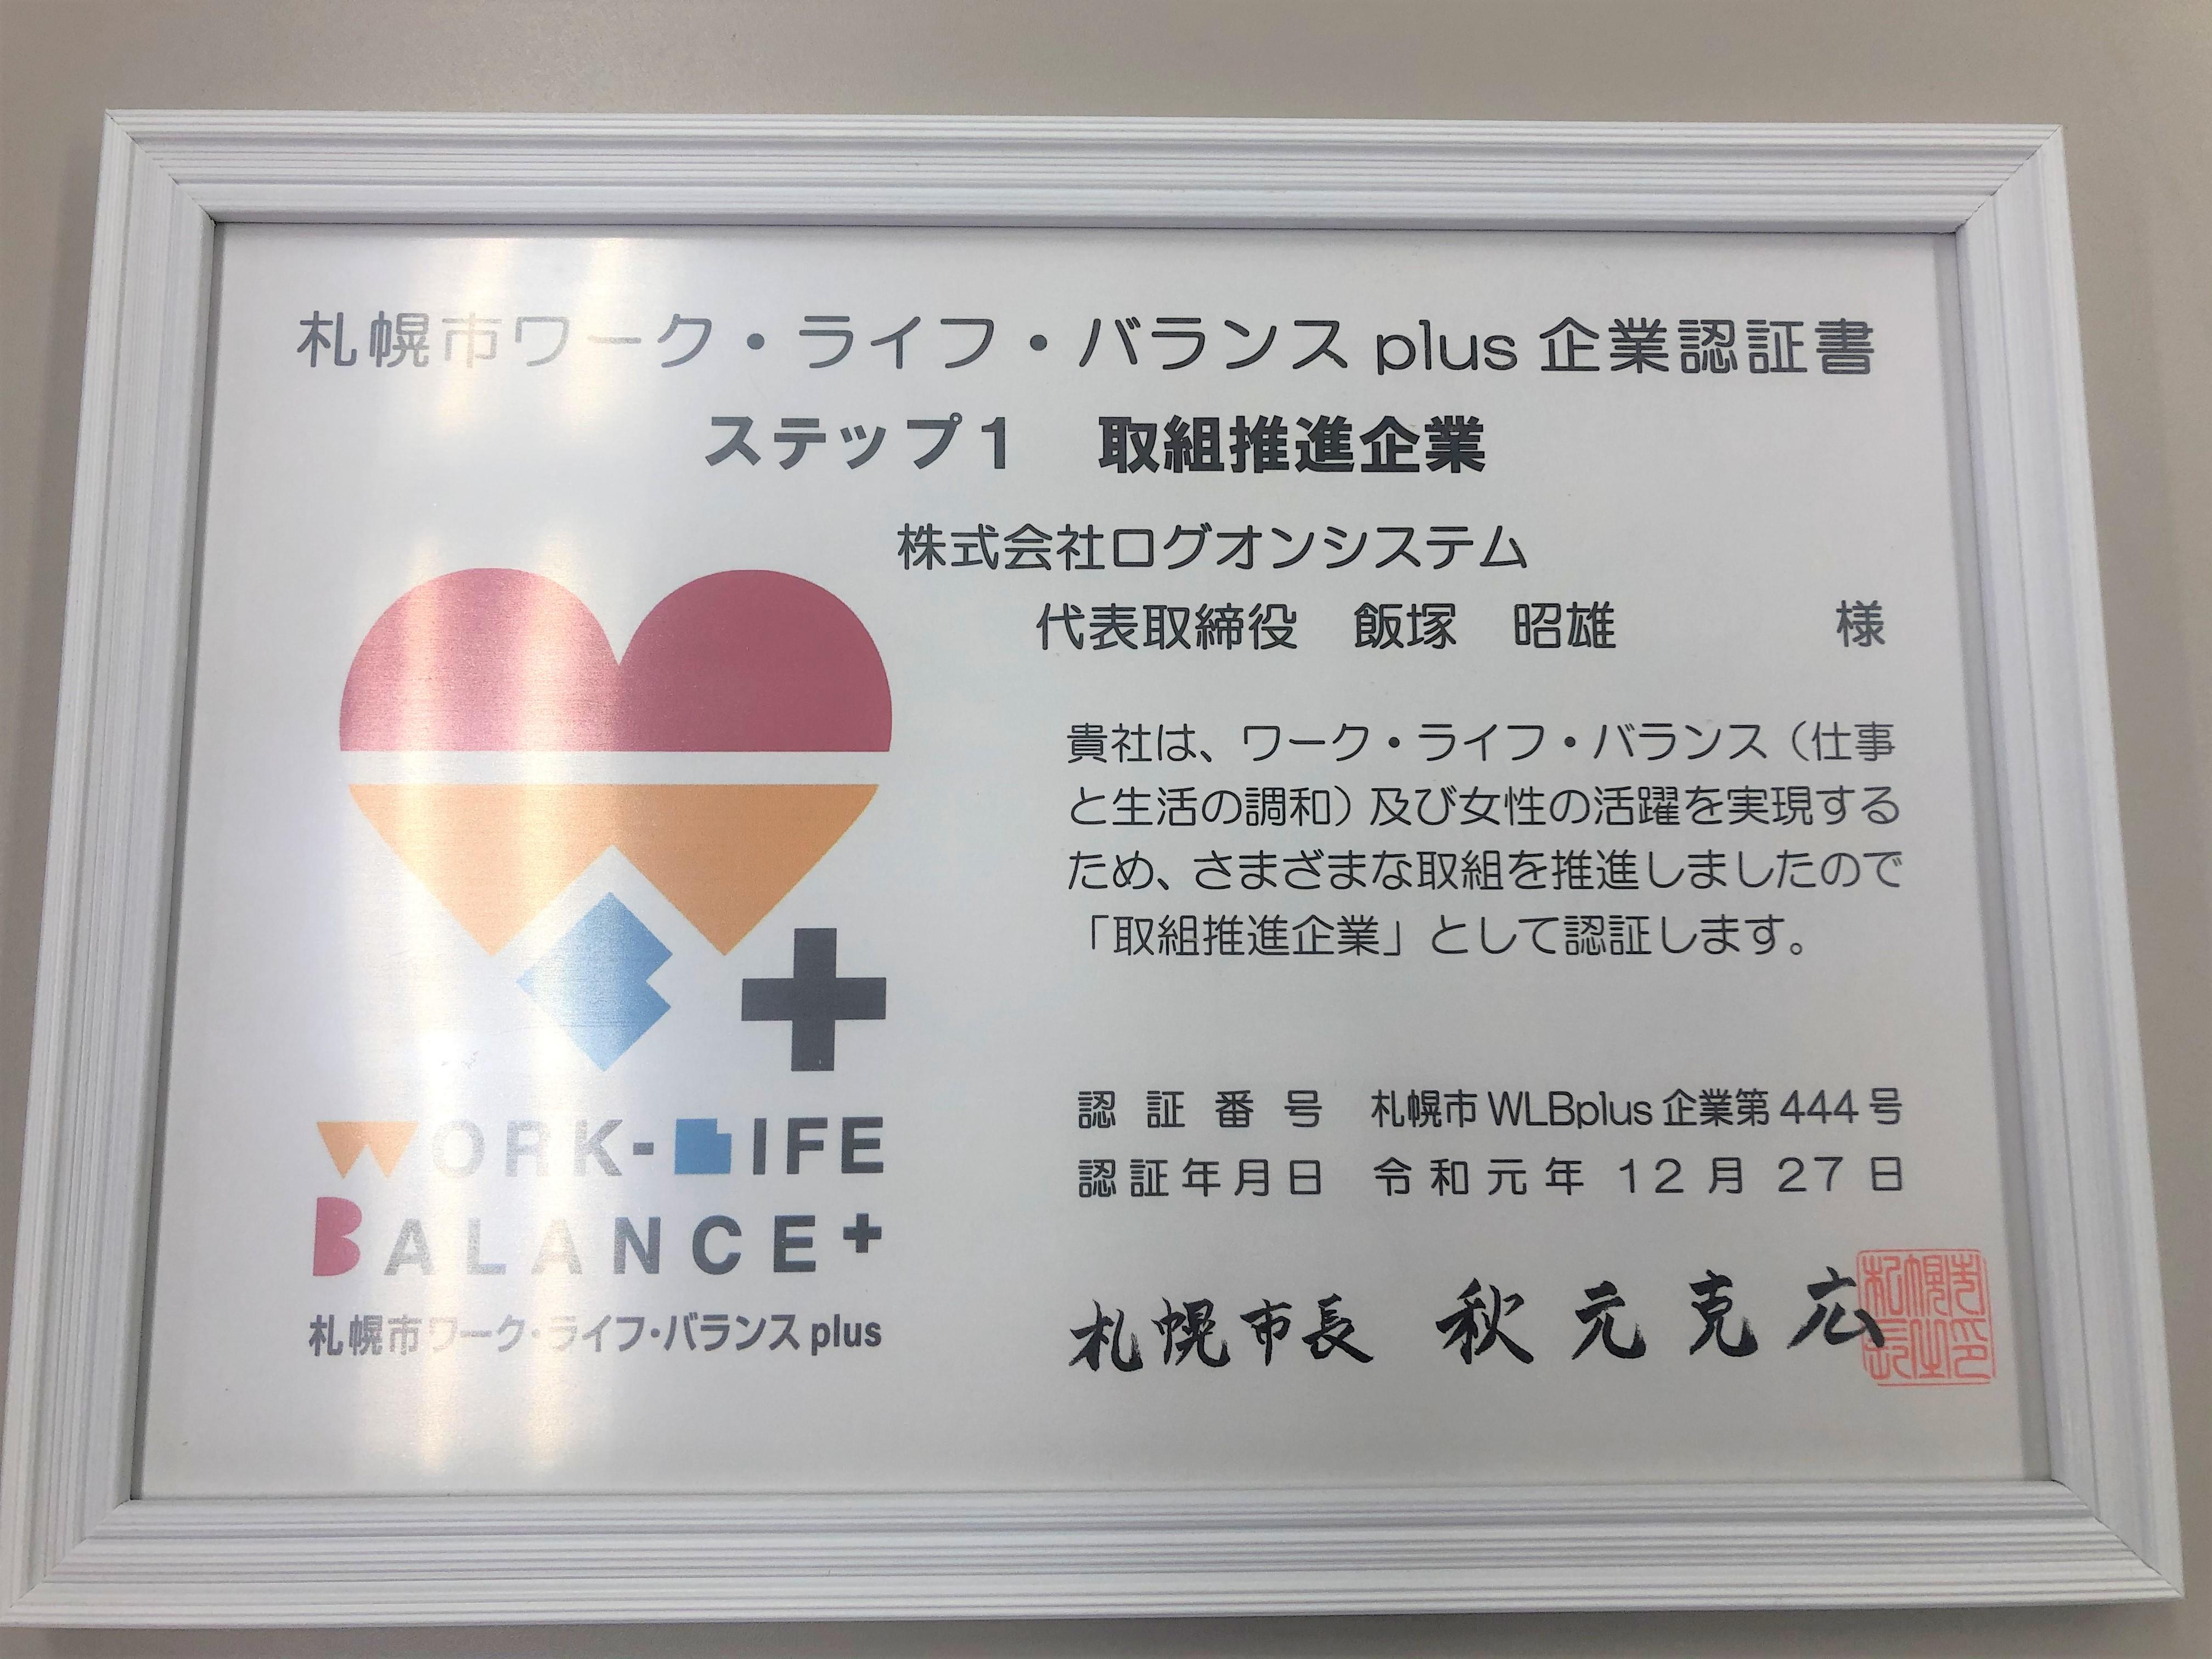 札幌市ワーク・ライフ・バランスplus